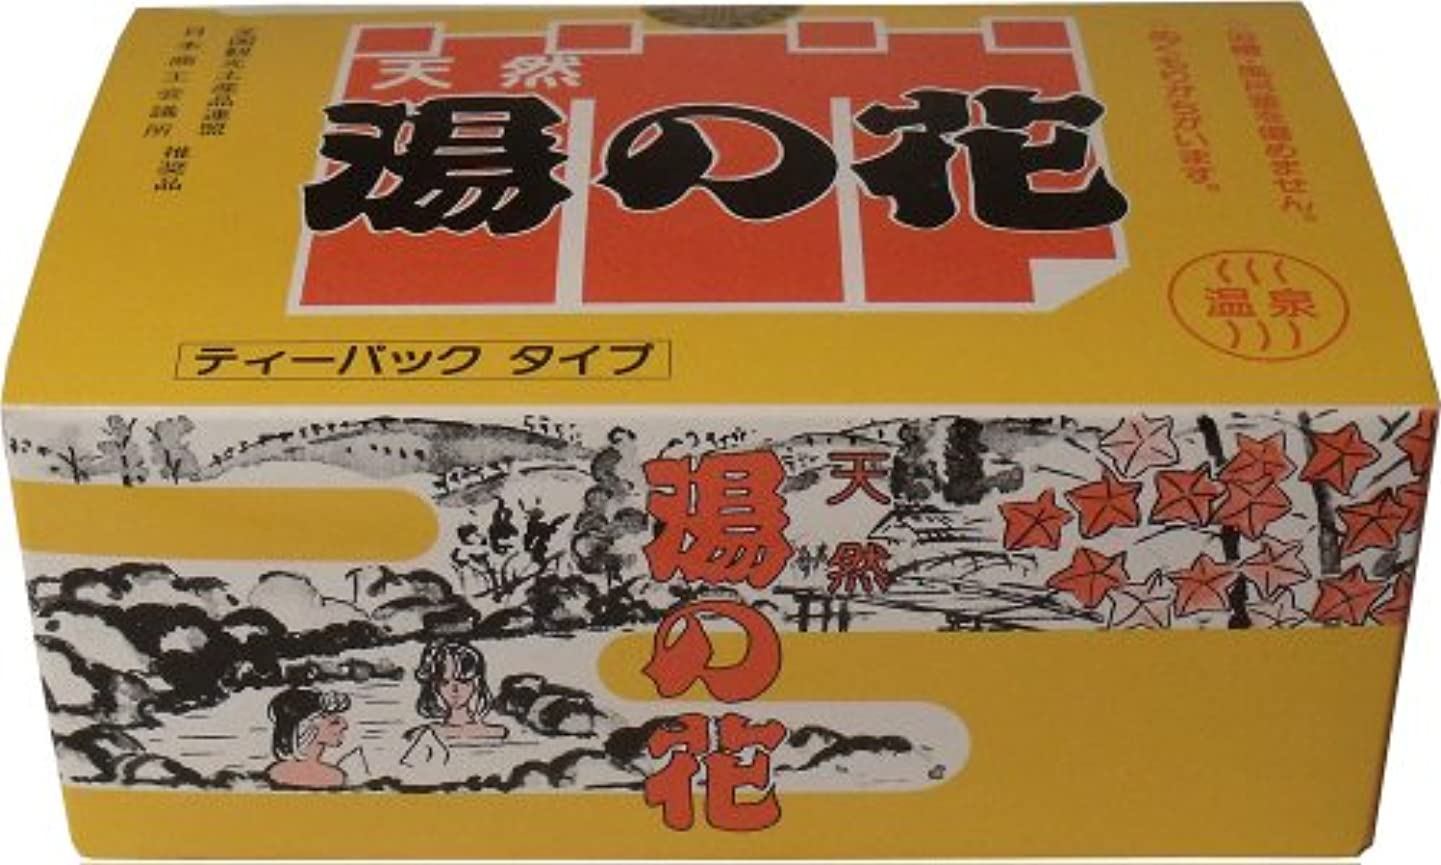 リー驚くばかりモニカ天然湯の花 徳用箱入 HT20(ティーパックタイプ) 15g×20包入 ×10個セット